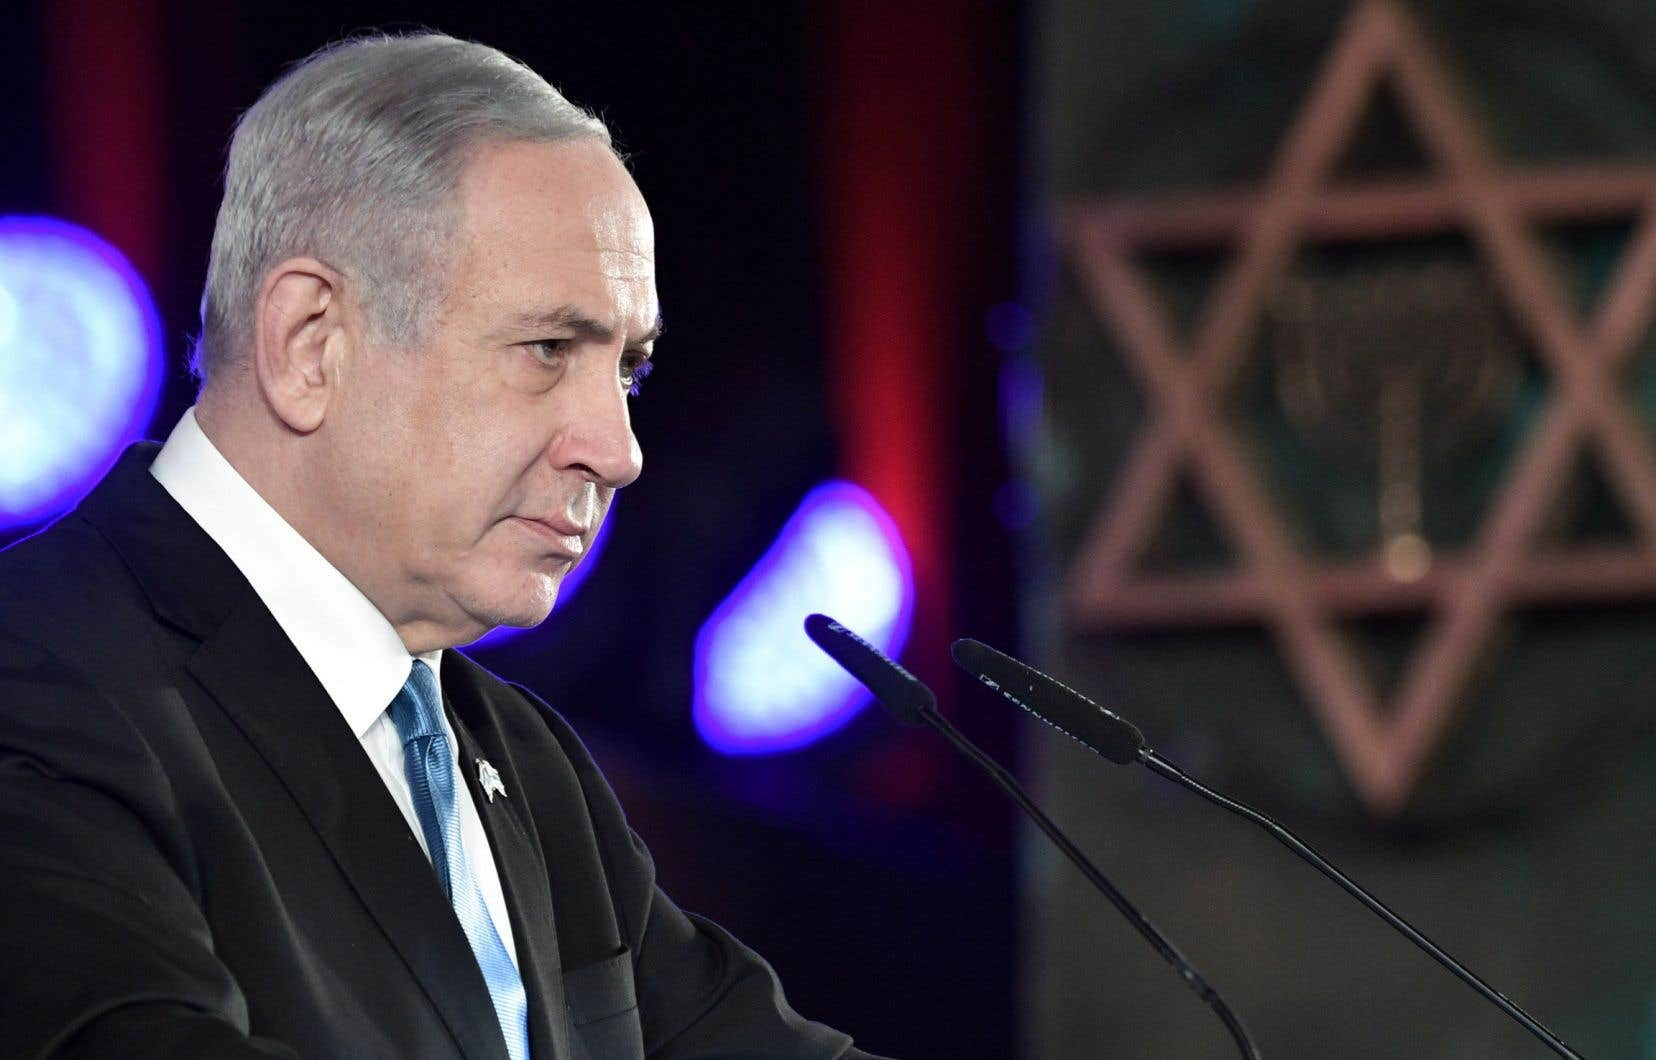 «Une opportunité de la sorte n'arrive qu'une seule fois dans l'histoire et nous ne pouvons pas la rater […] J'ai bon espoir que nous sommes au seuil d'un moment historique pour notre État», a déclaré M.Netanyahu.